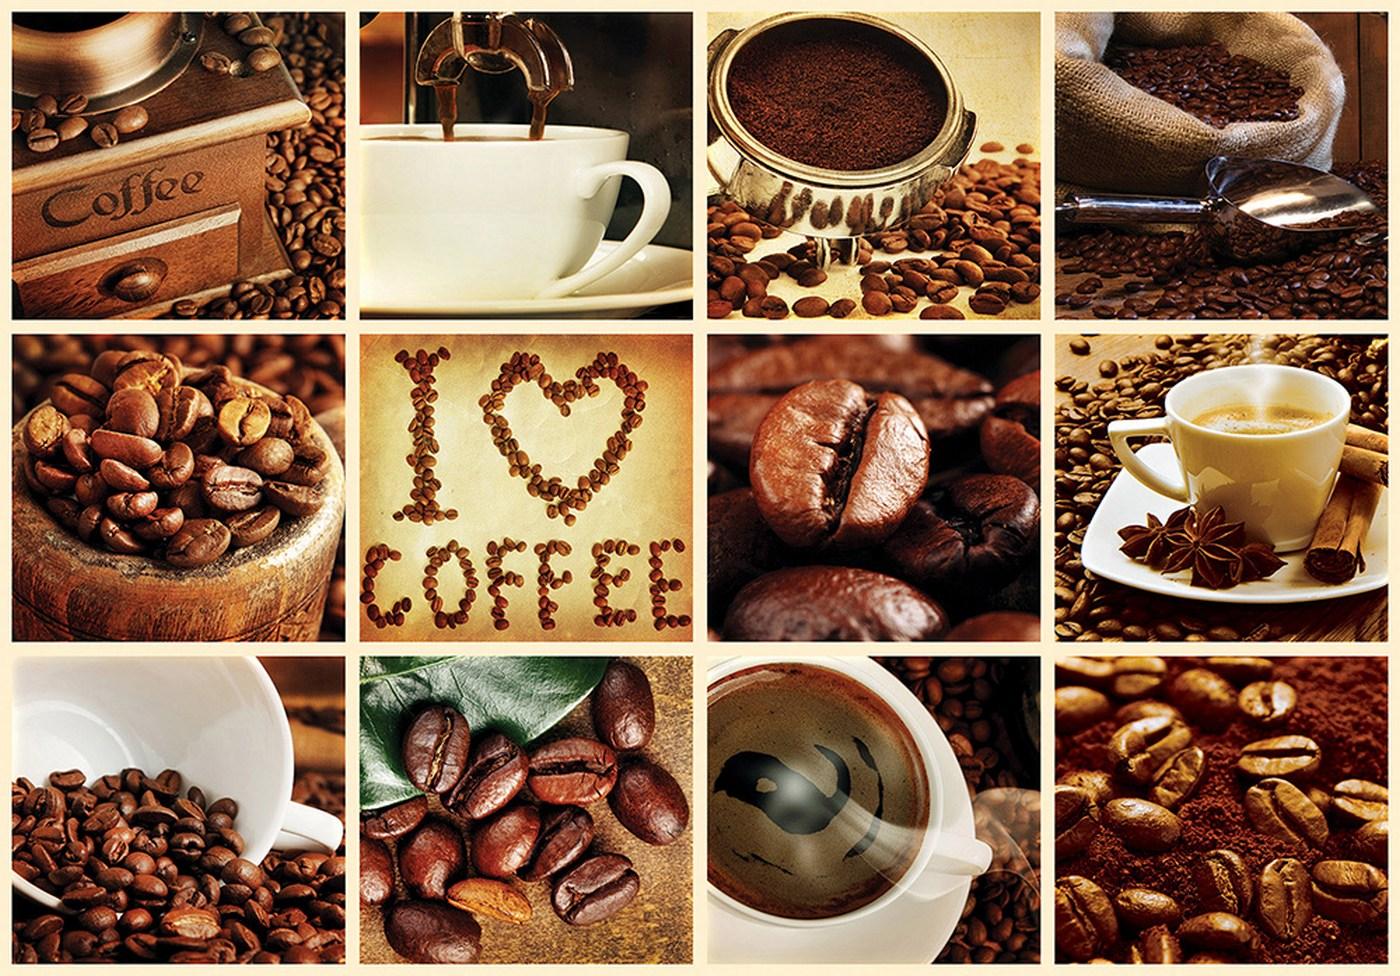 Vlies Fototapete 3279   Kulinarisches Tapete Kaffee, Barista, Kaffeebohnen,  Rahmen Weiß Braun